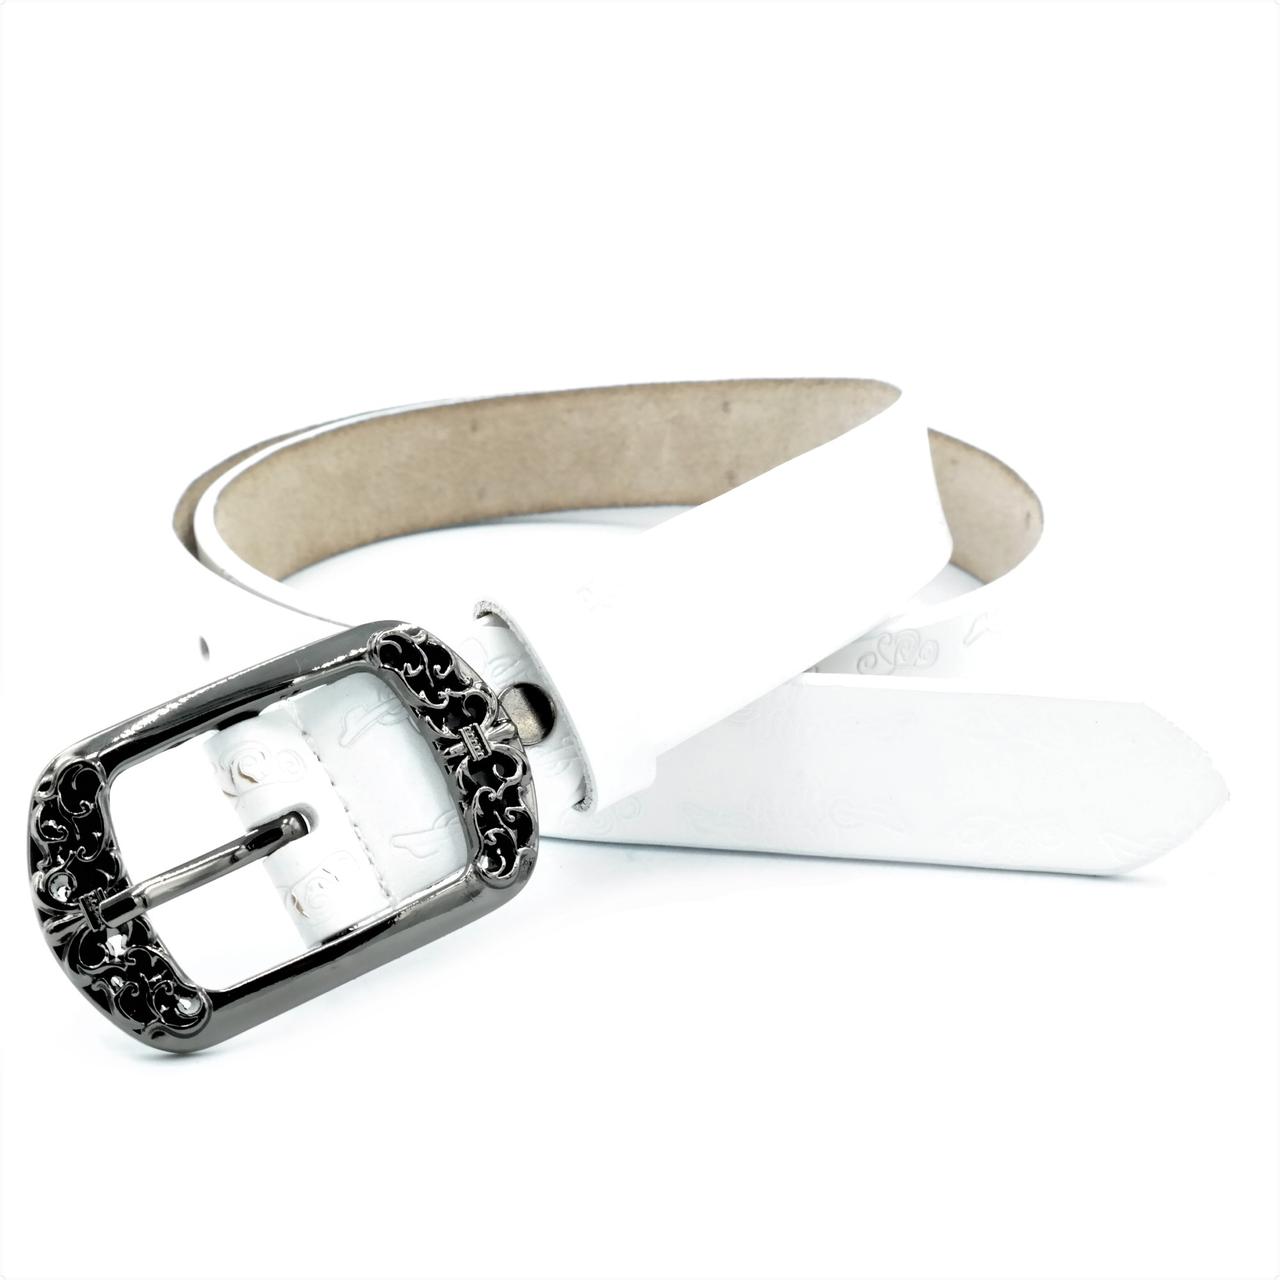 Жіночий шкіряний ремінь Le-Mon 110-115 см Білий (nwzh-30k-0032)